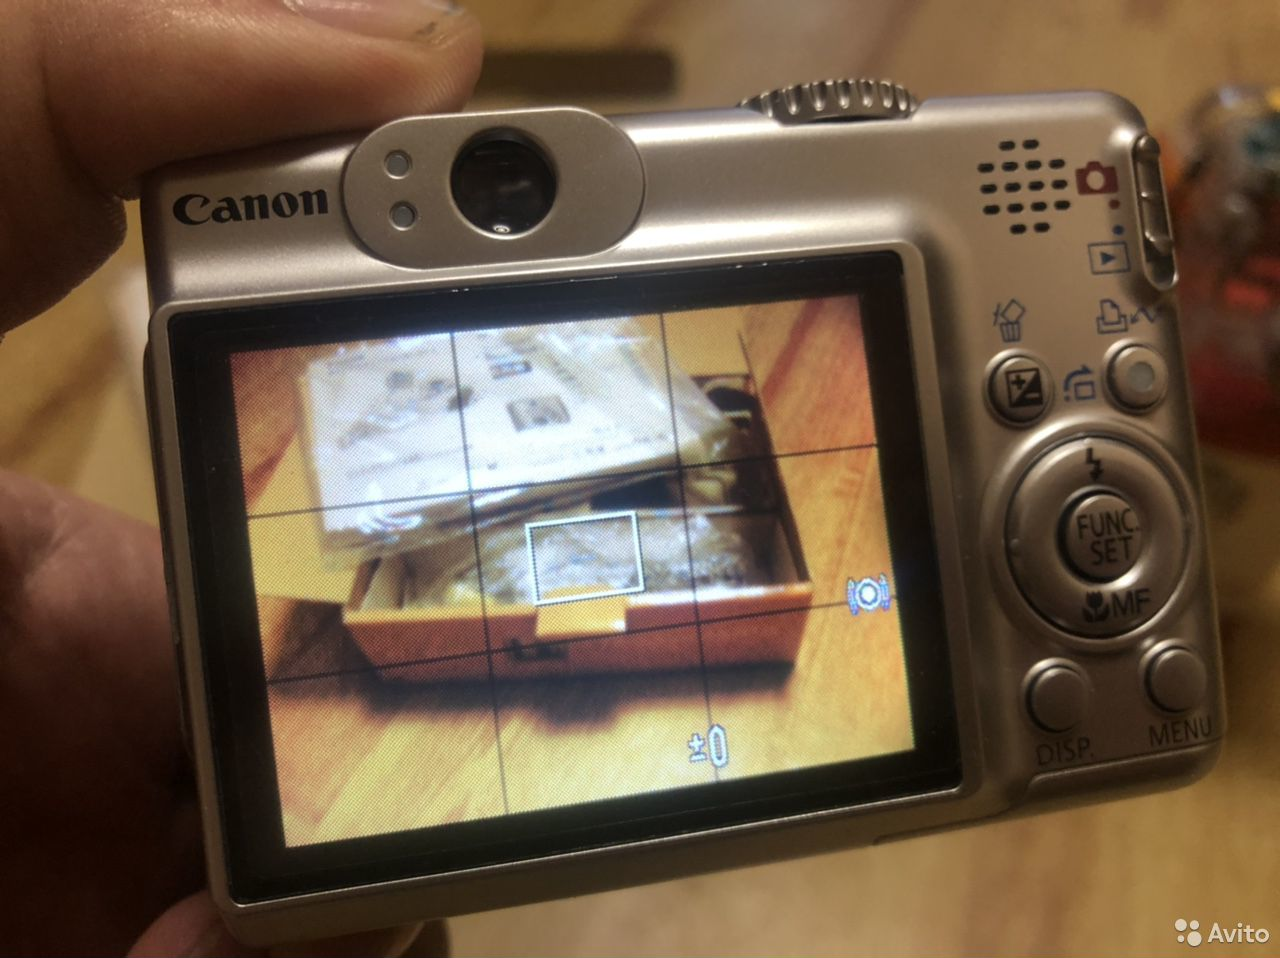 Фотоаппарат canon A570is с боксом для подводной сь 89143229991 купить 6